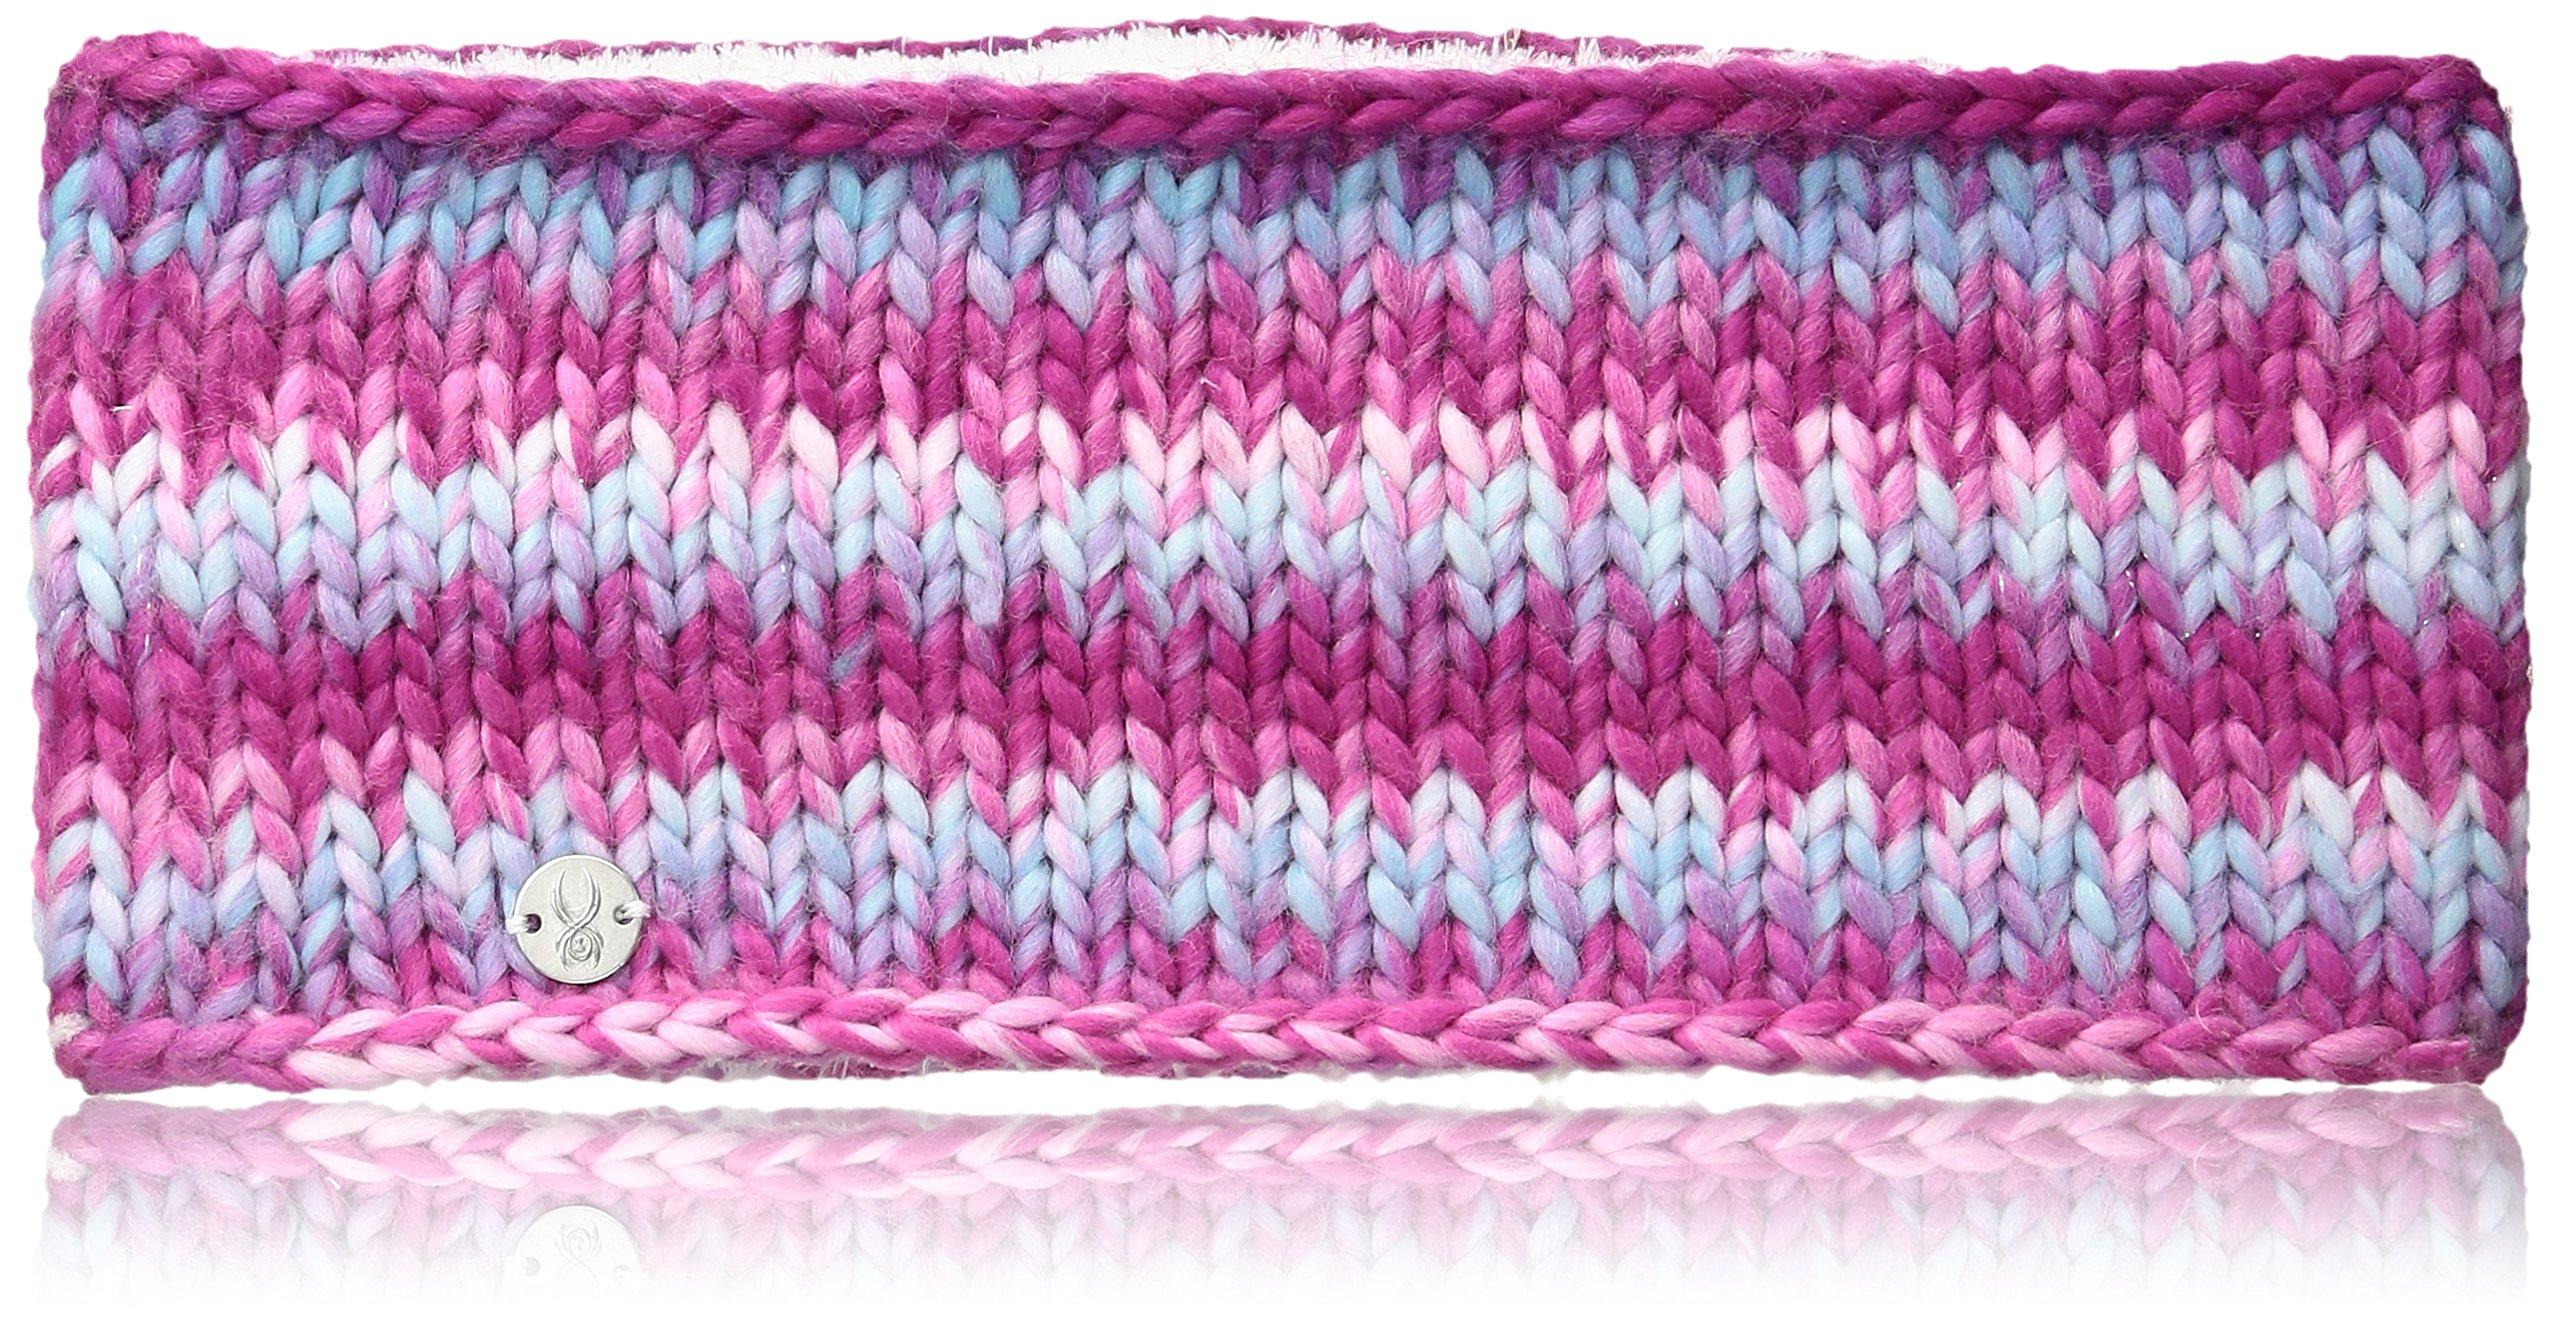 Spyder Women's Twisty Headband, One Size, Voila/Multi Color